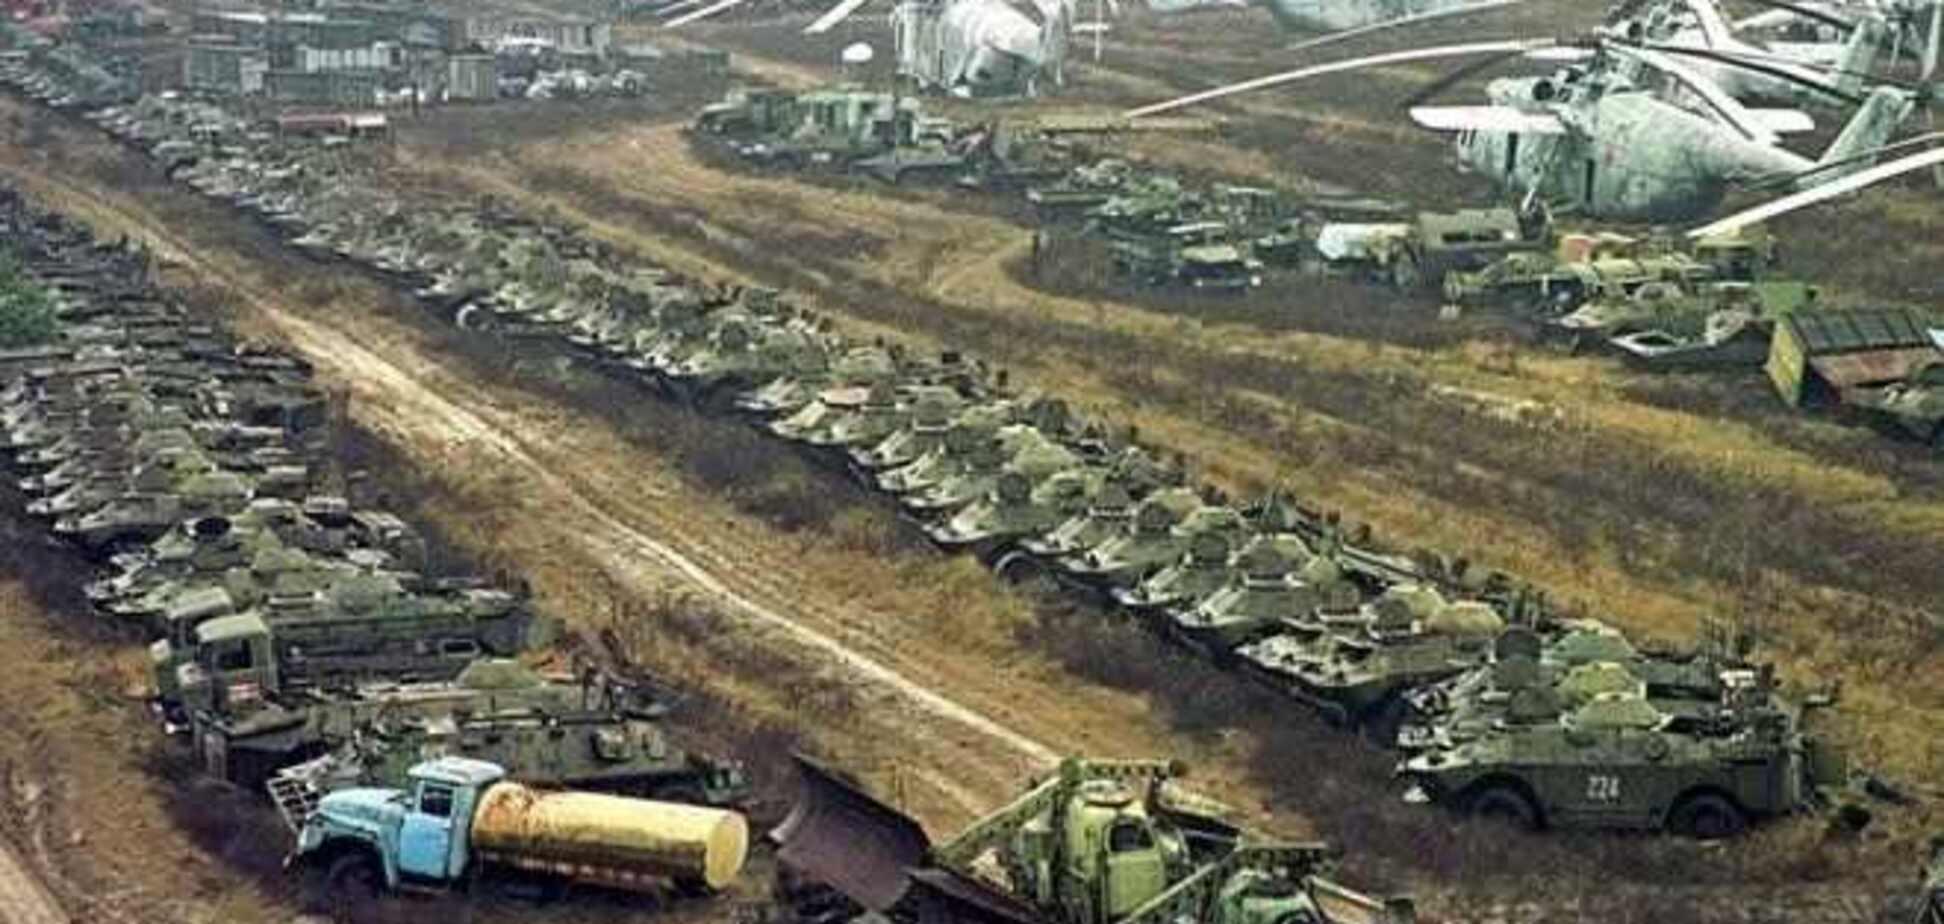 Тысячи тонн радиоактивного металла из ЧАЭС с нетерпением ждут в Киеве – эксперт